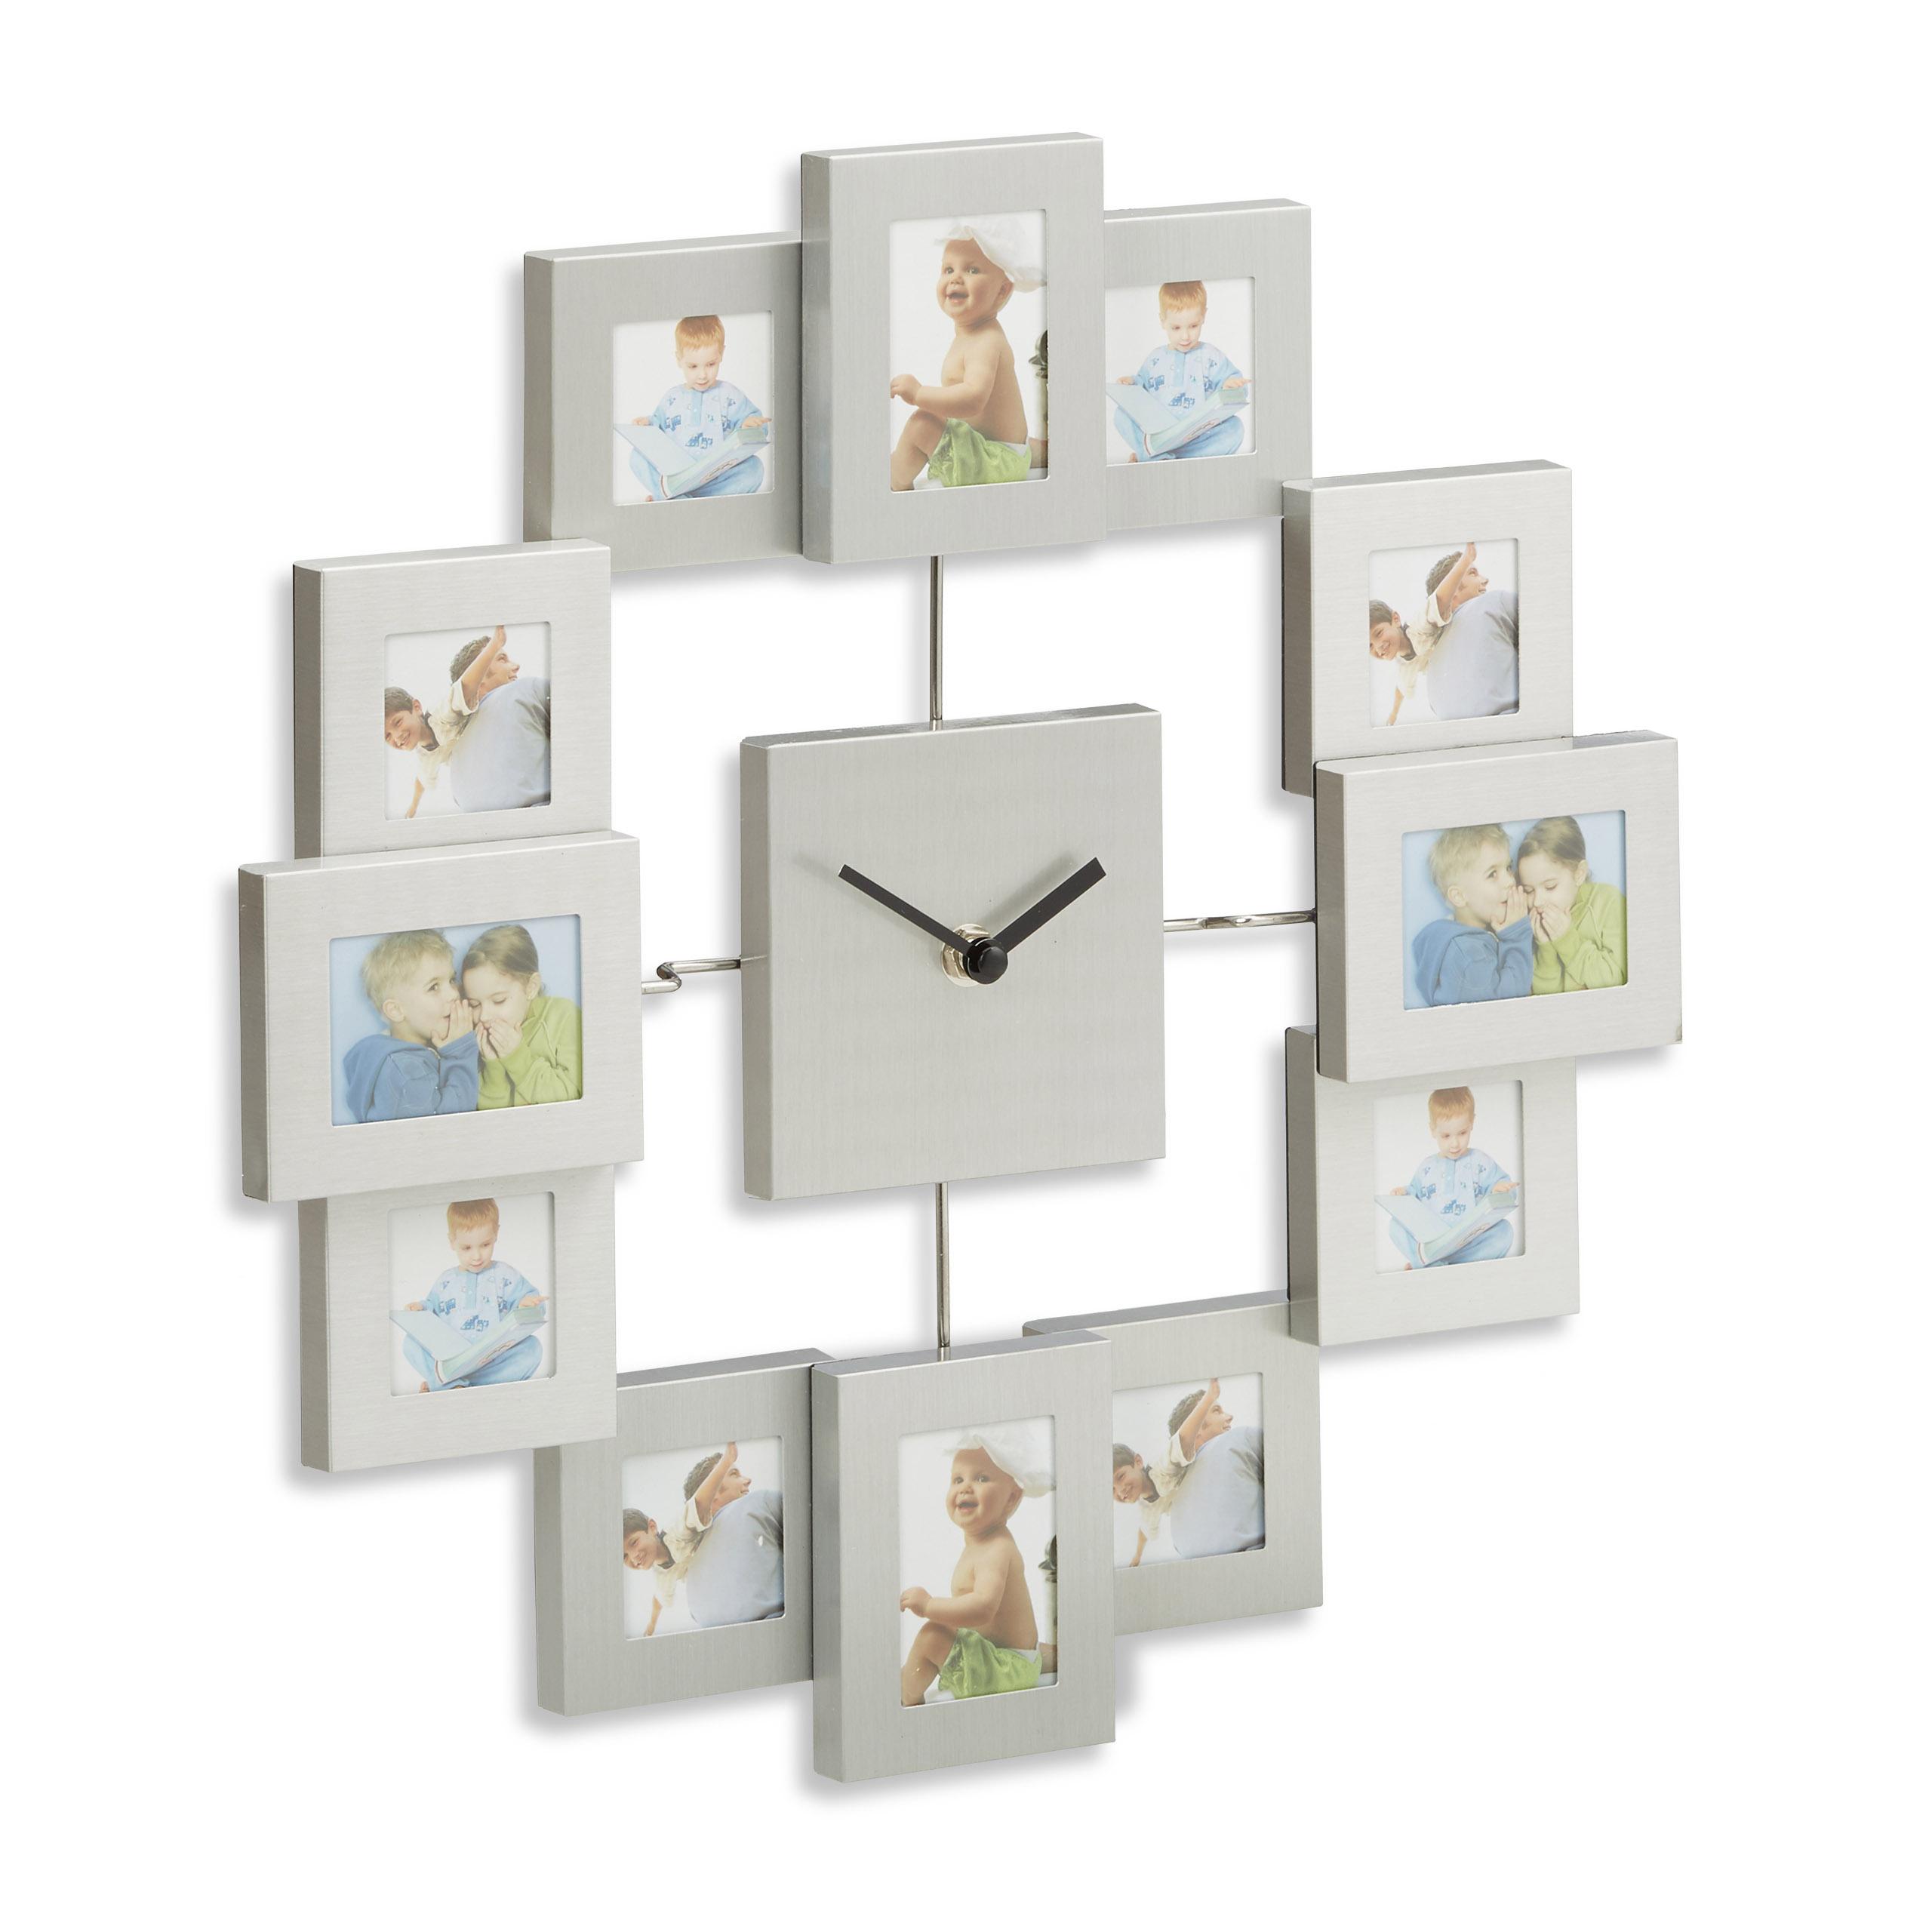 Nástenné hodiny s 12 fotorámikmi strieborné, rd1960 35cm